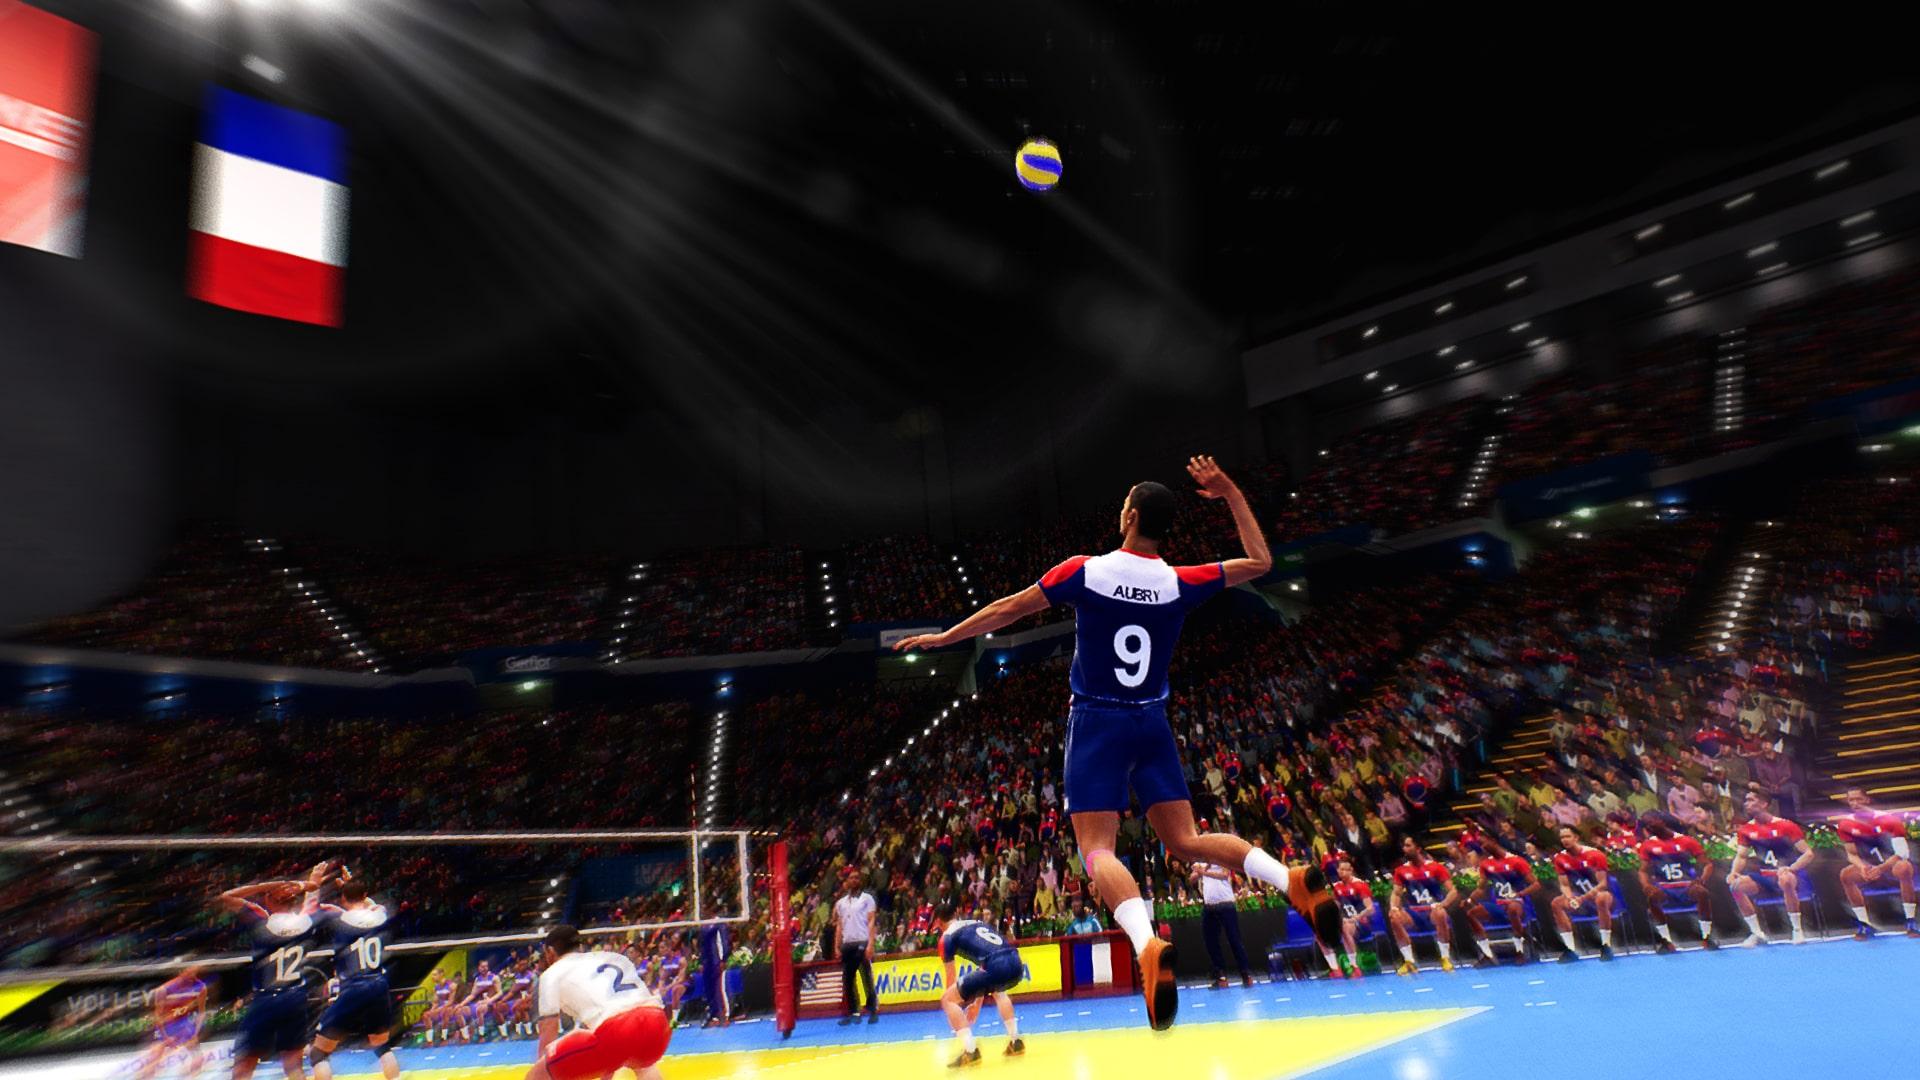 Spike Volleyball è disponibile: guarda il trailer di lancio!